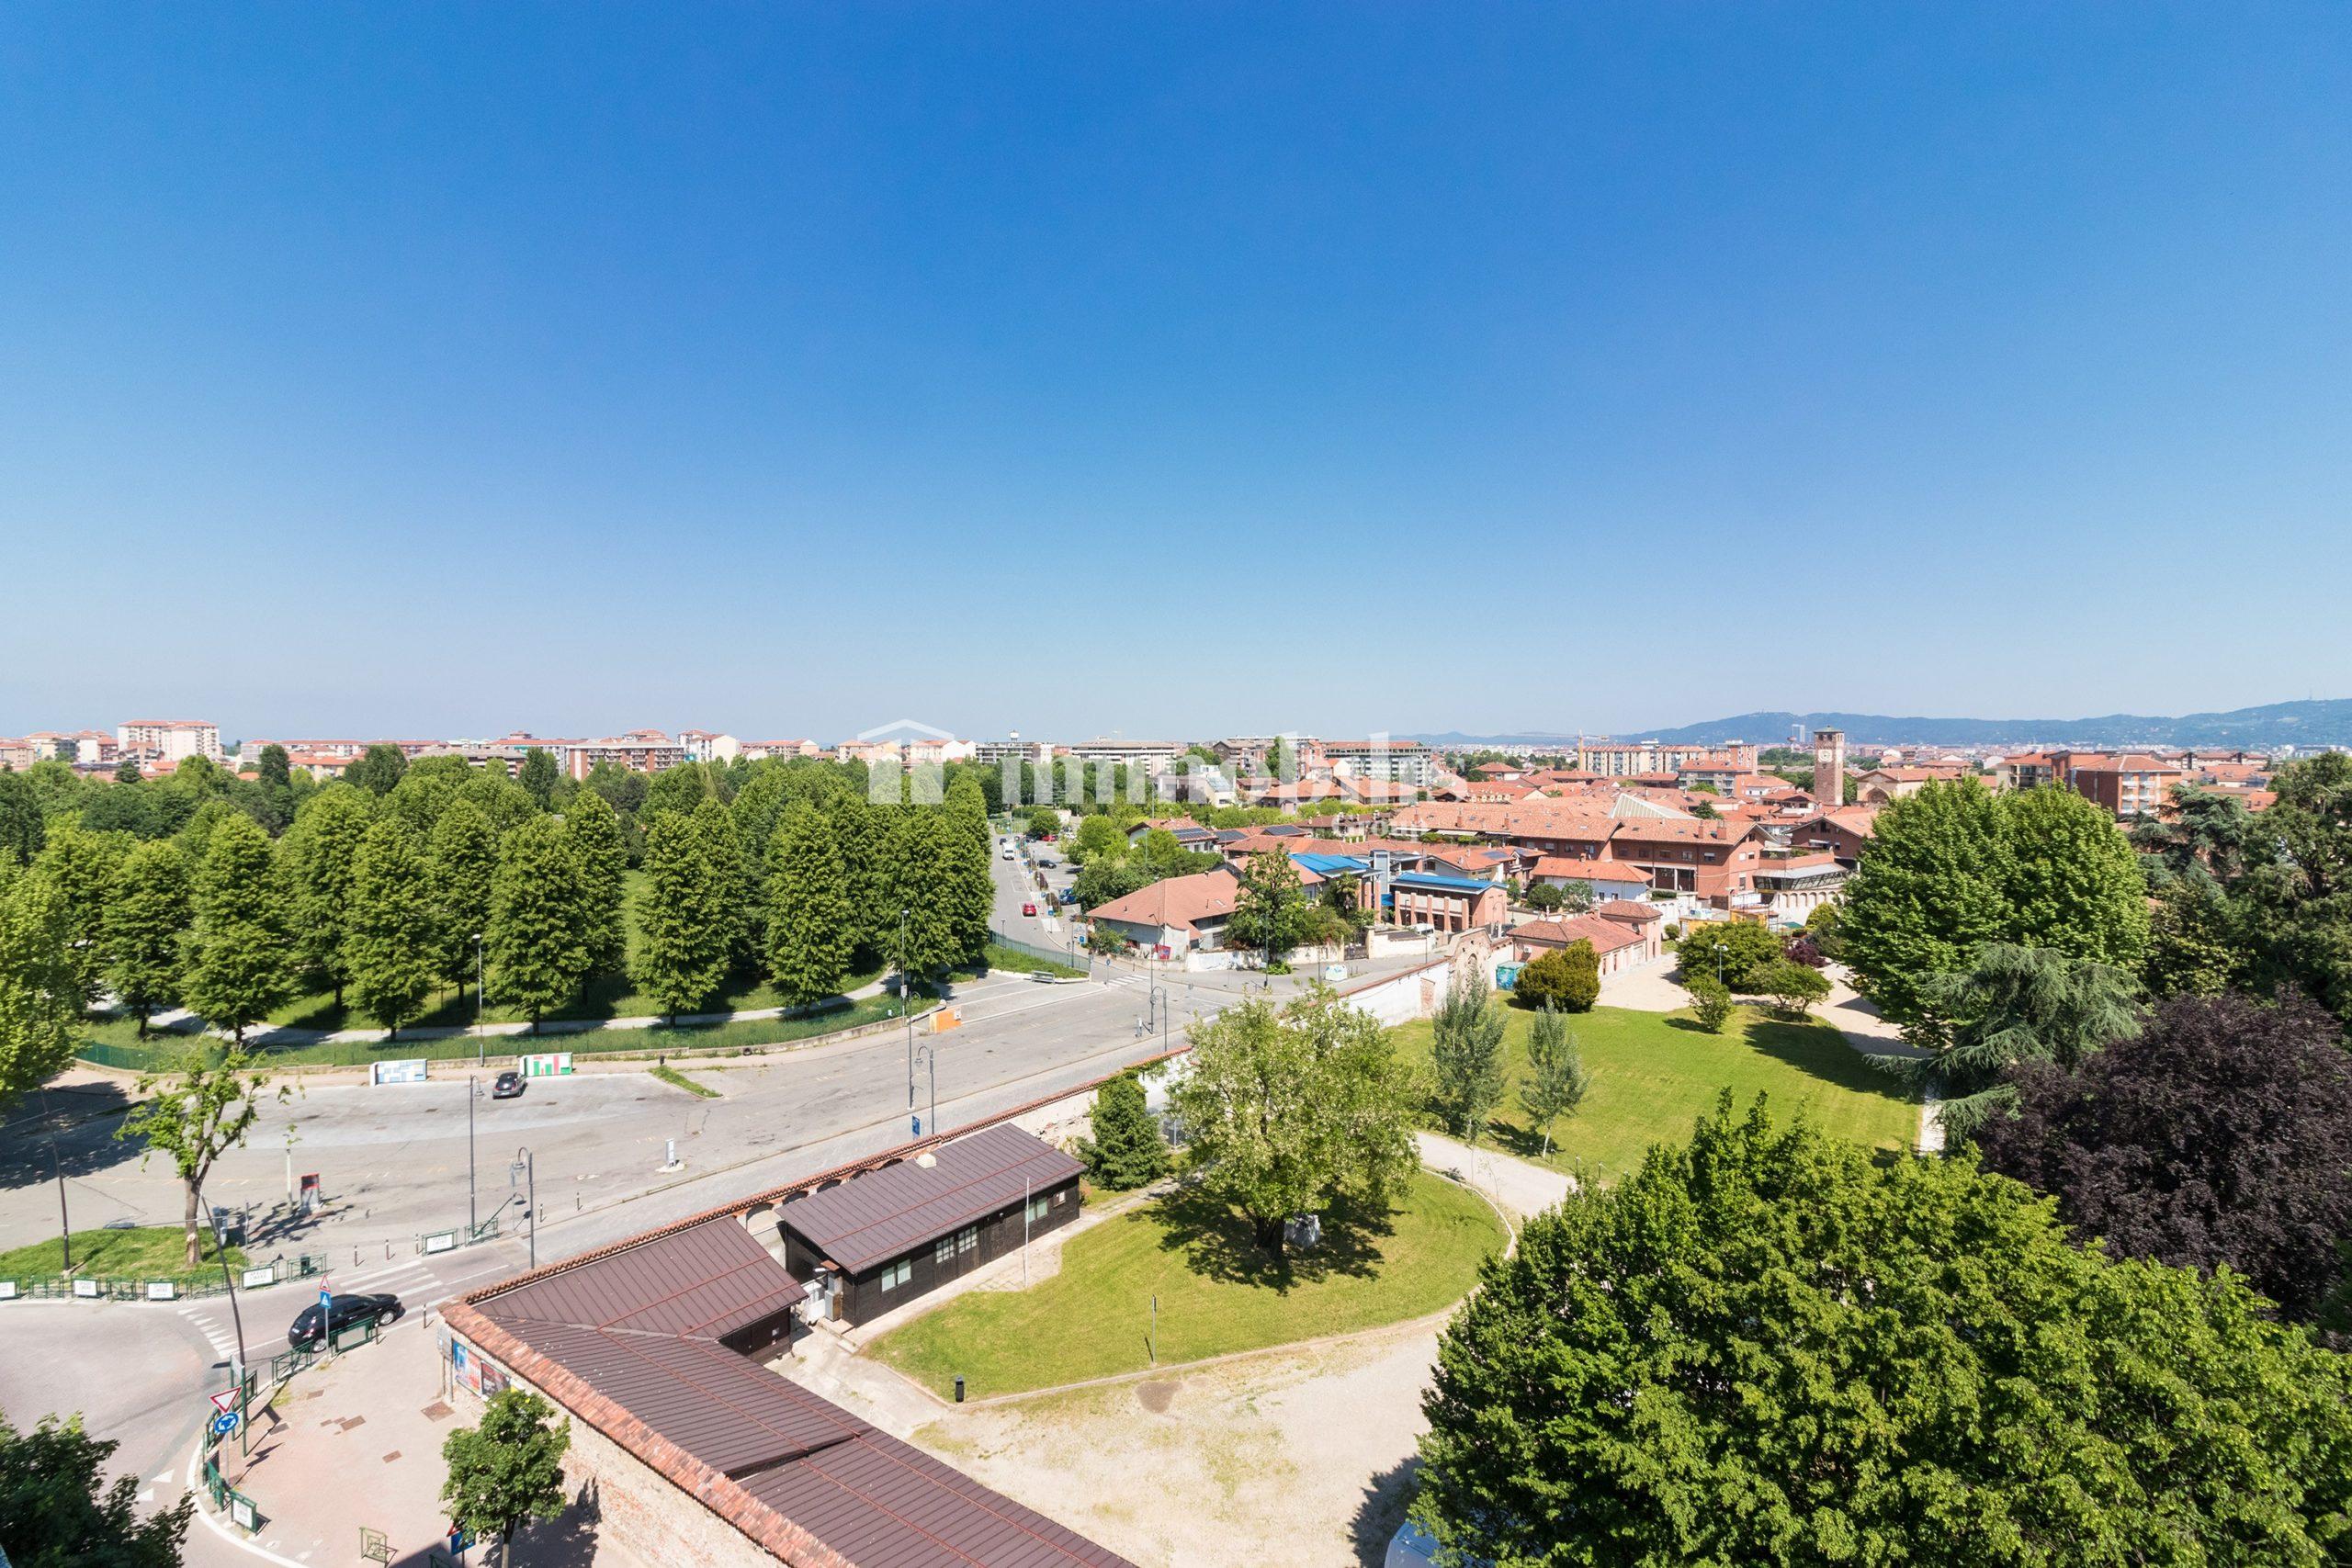 Panoramico in Grugliasco